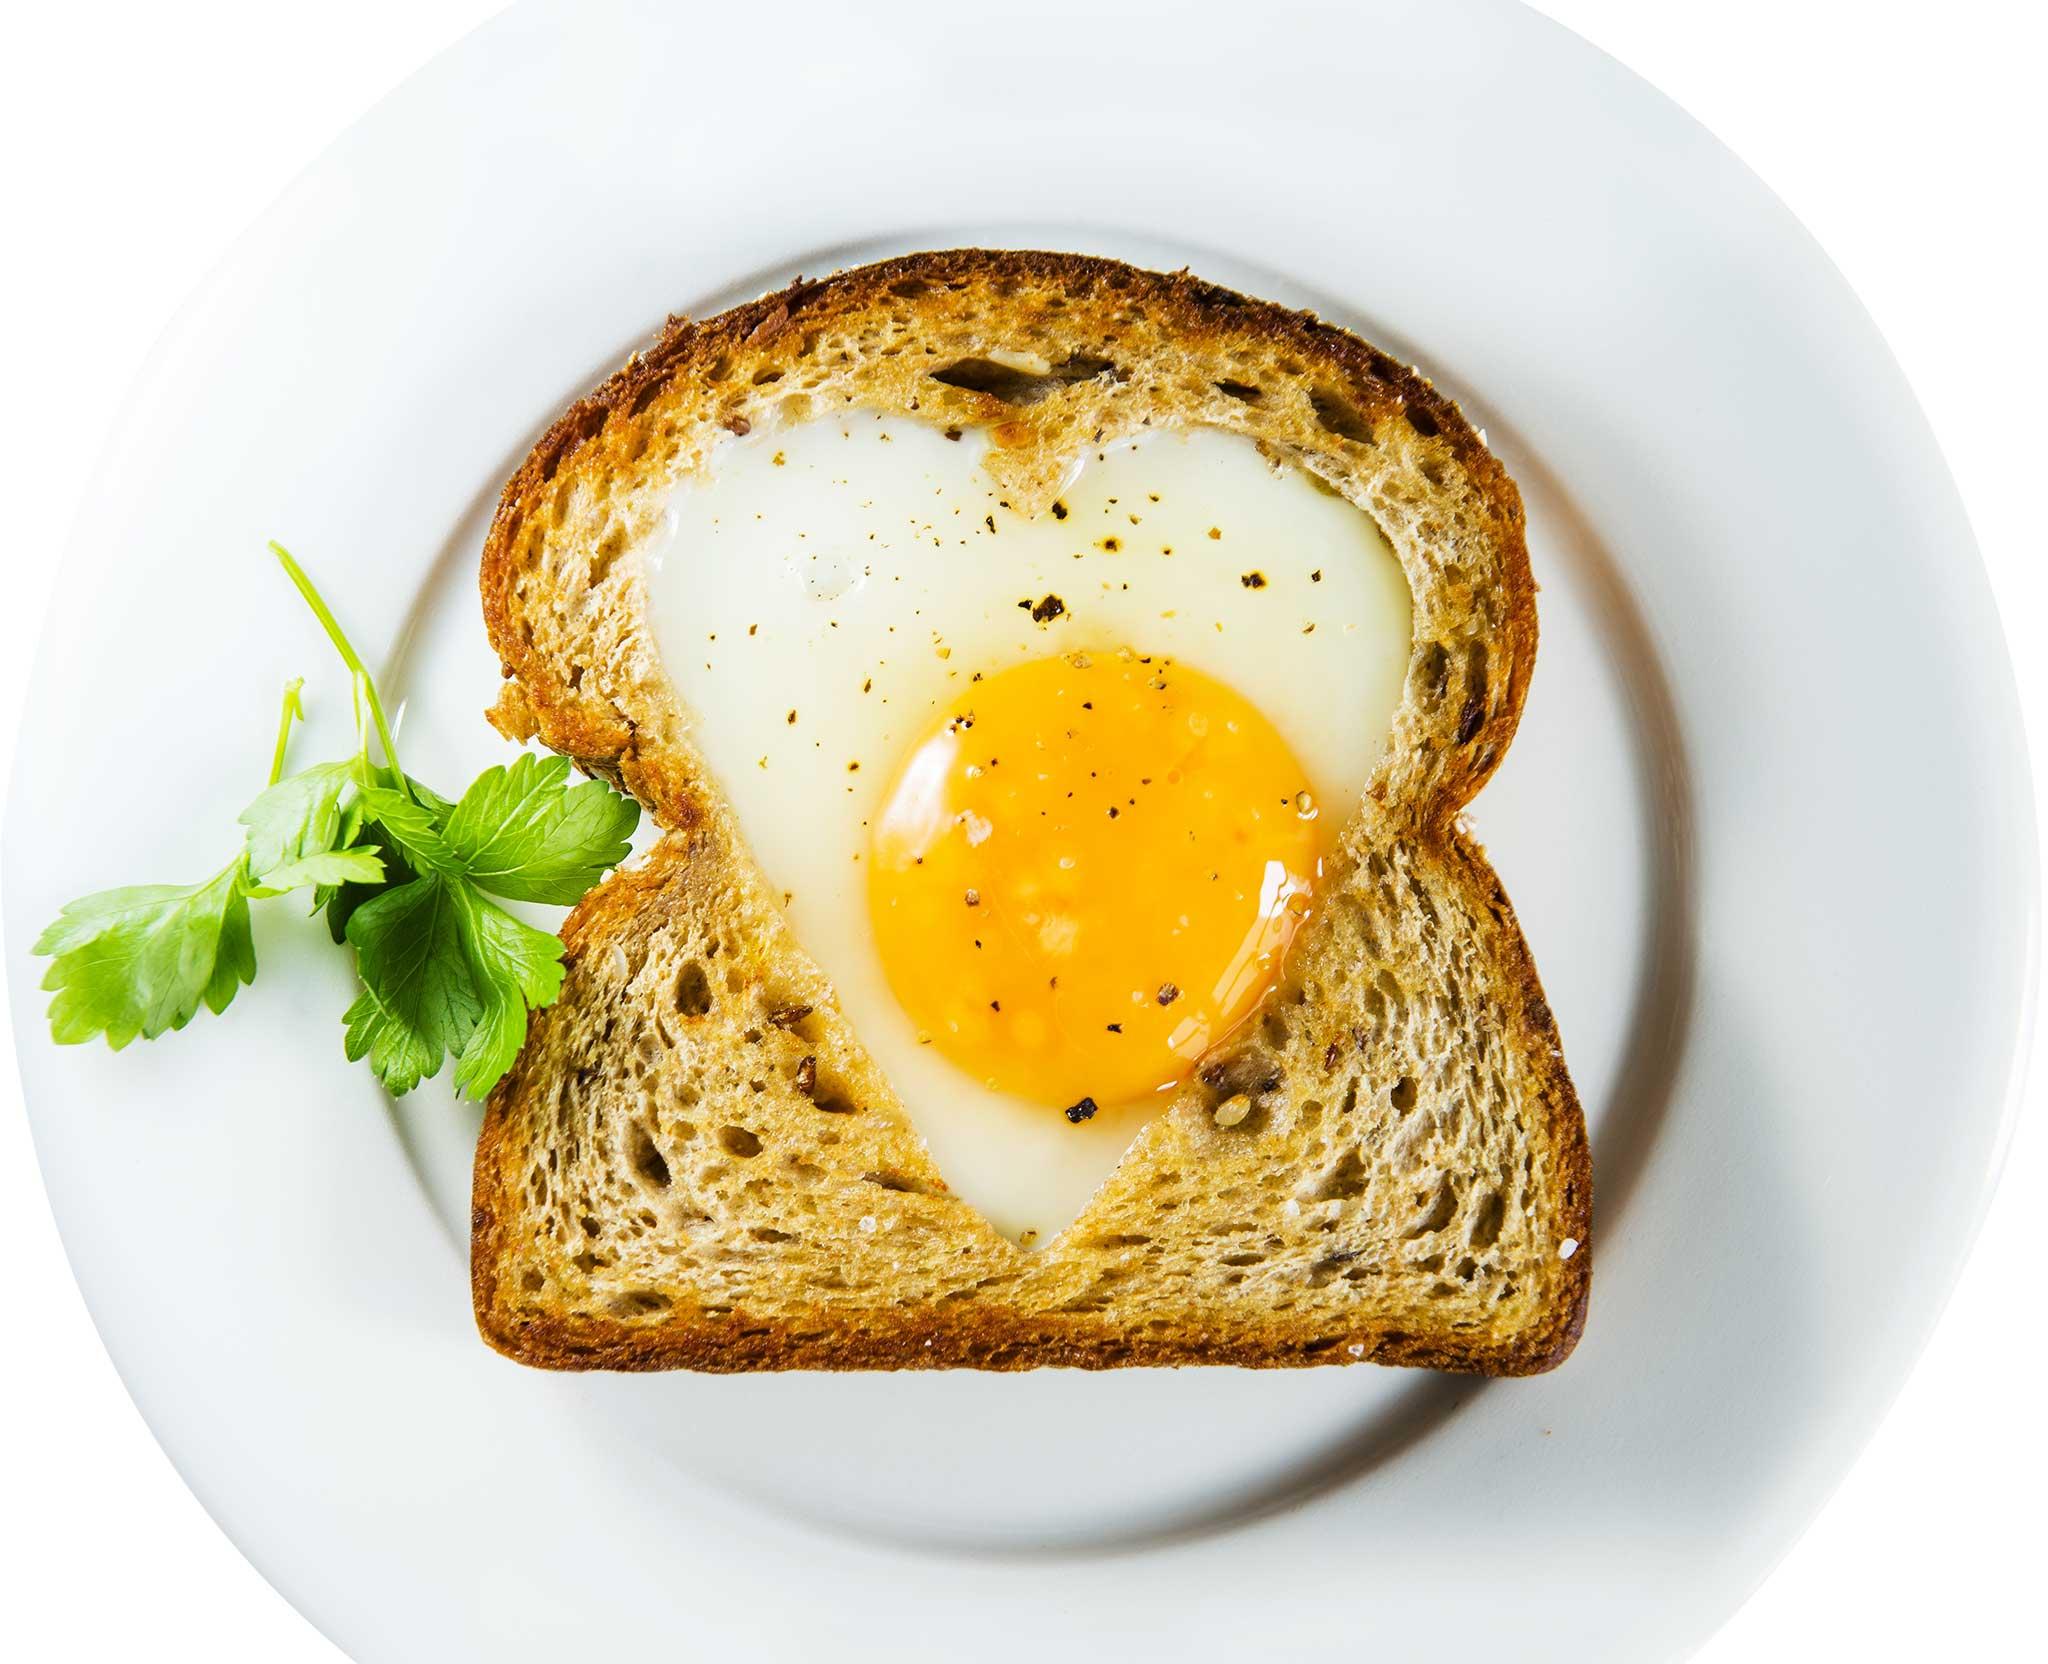 Kananmunatoast, paahtoleipä ja paistettu kananmuna